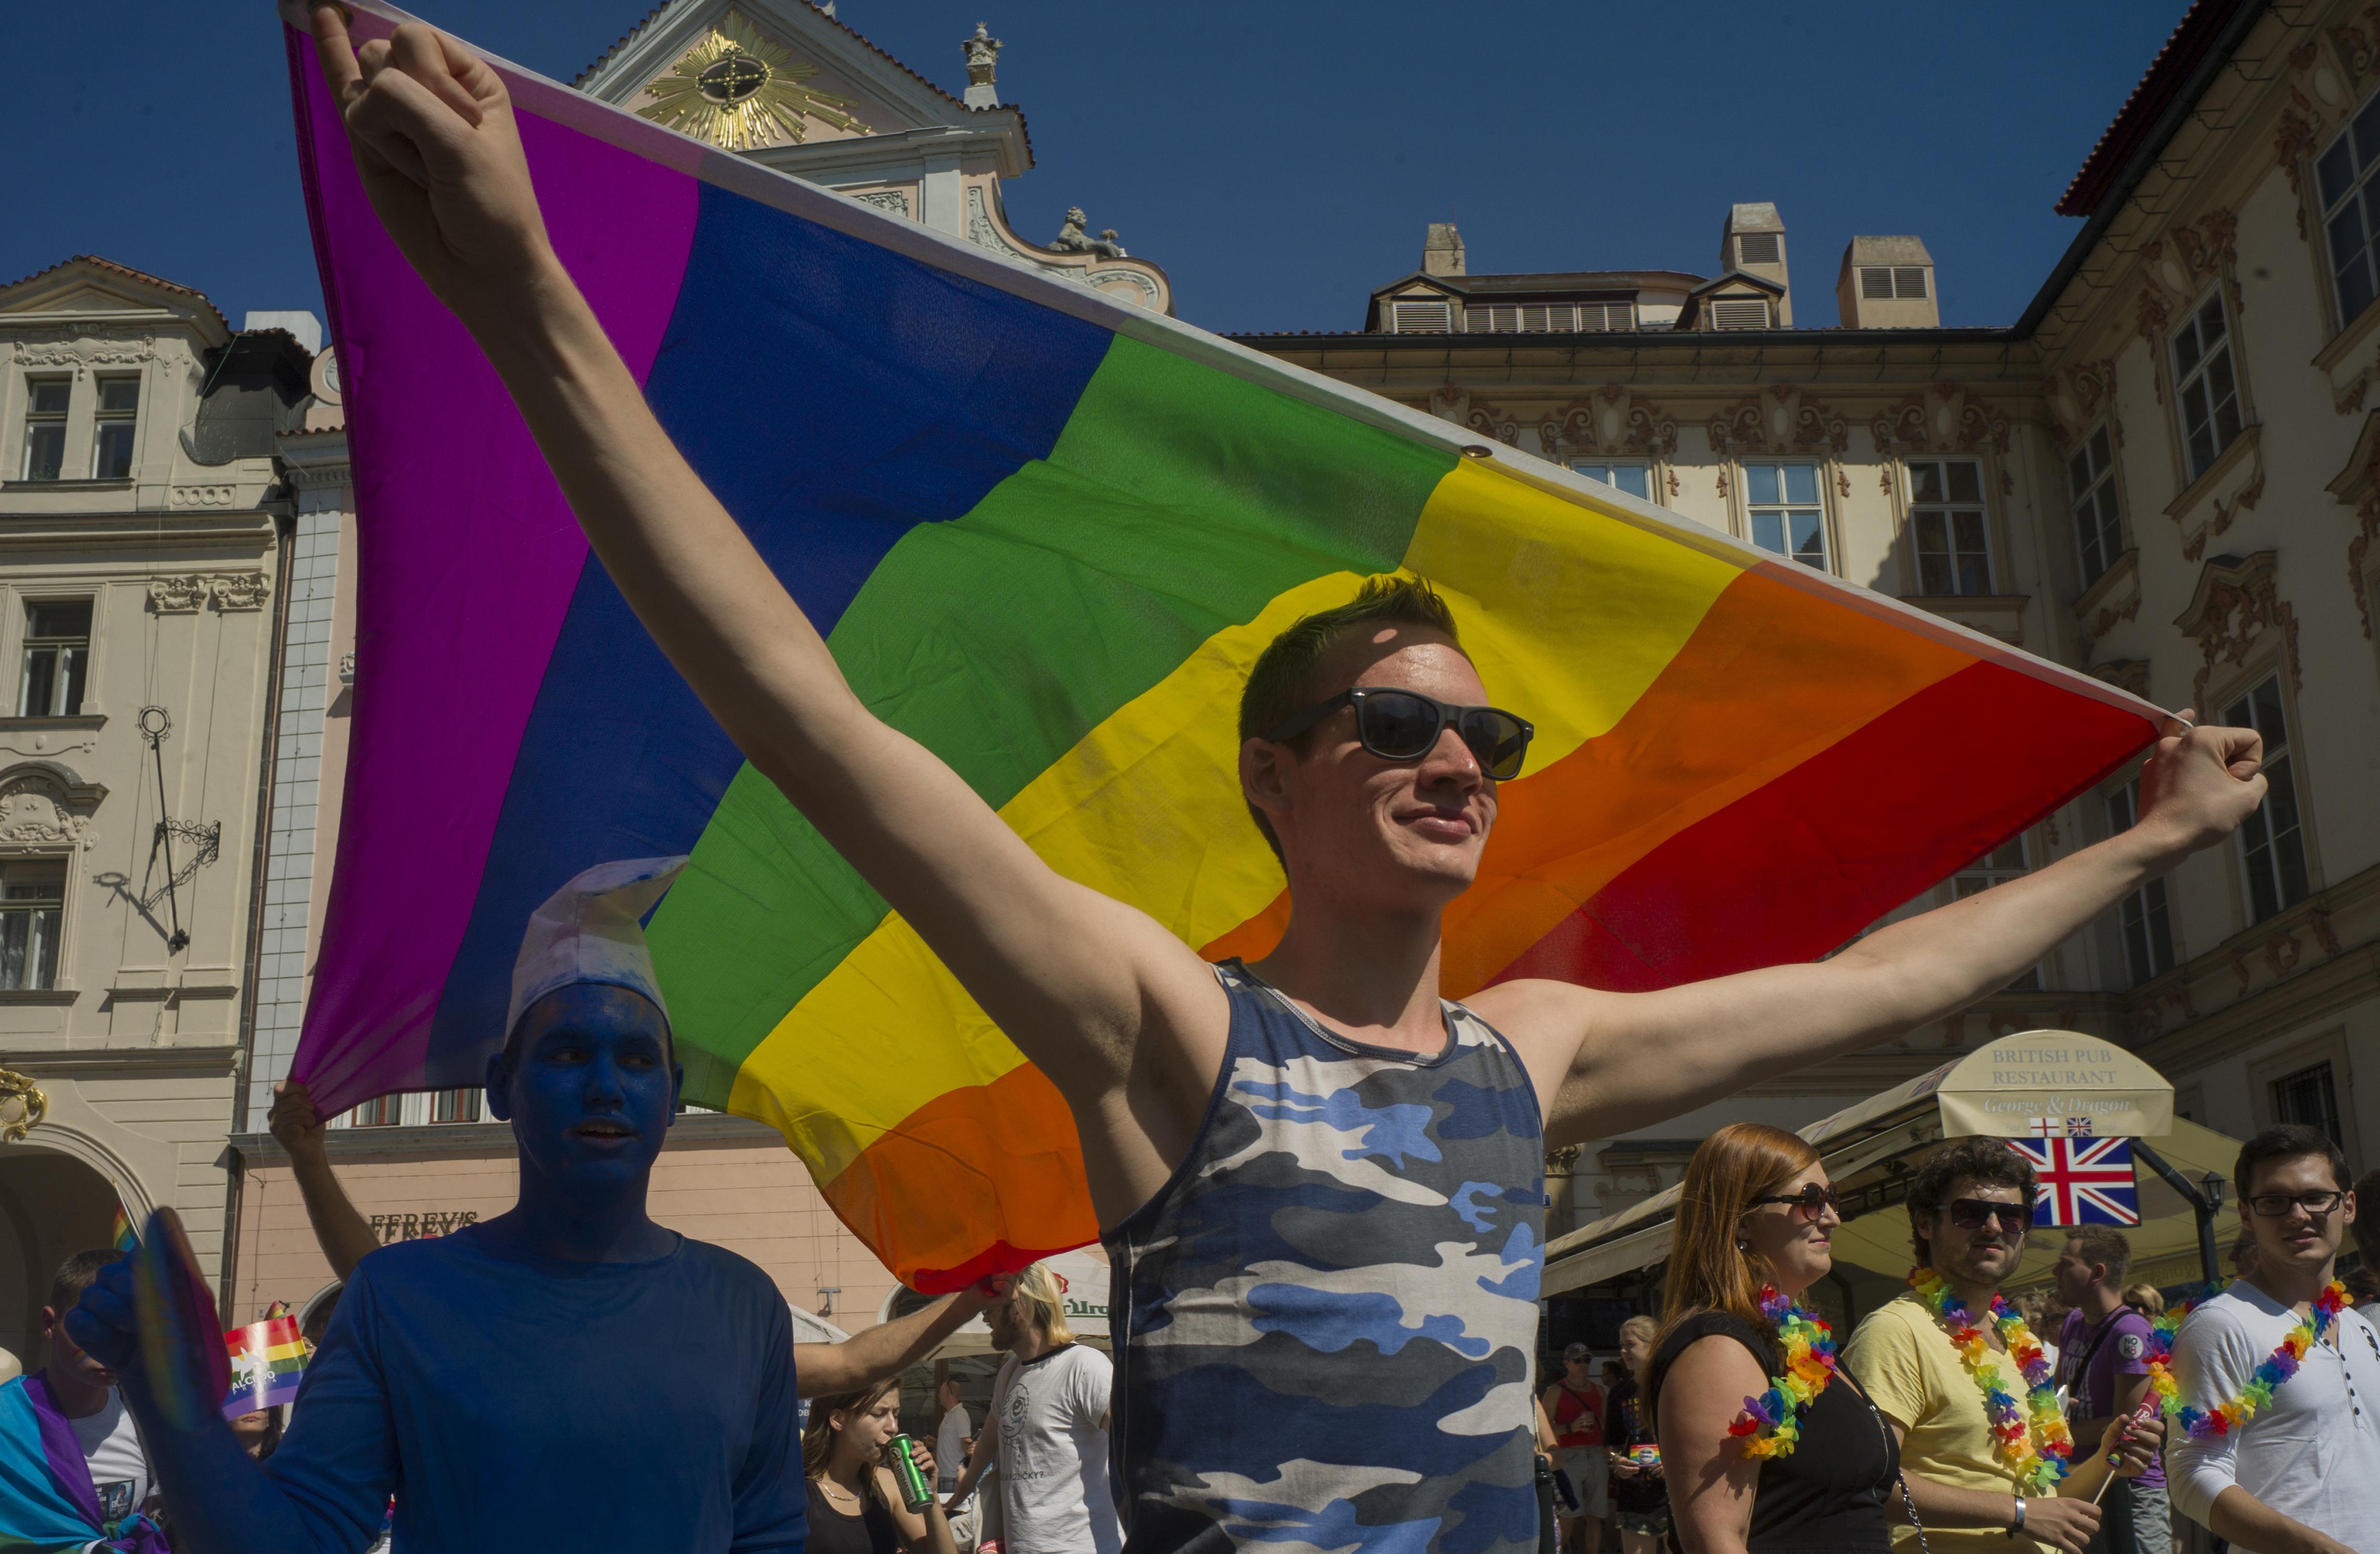 Harminc nagykövetség állt ki a szombati Pride mellett